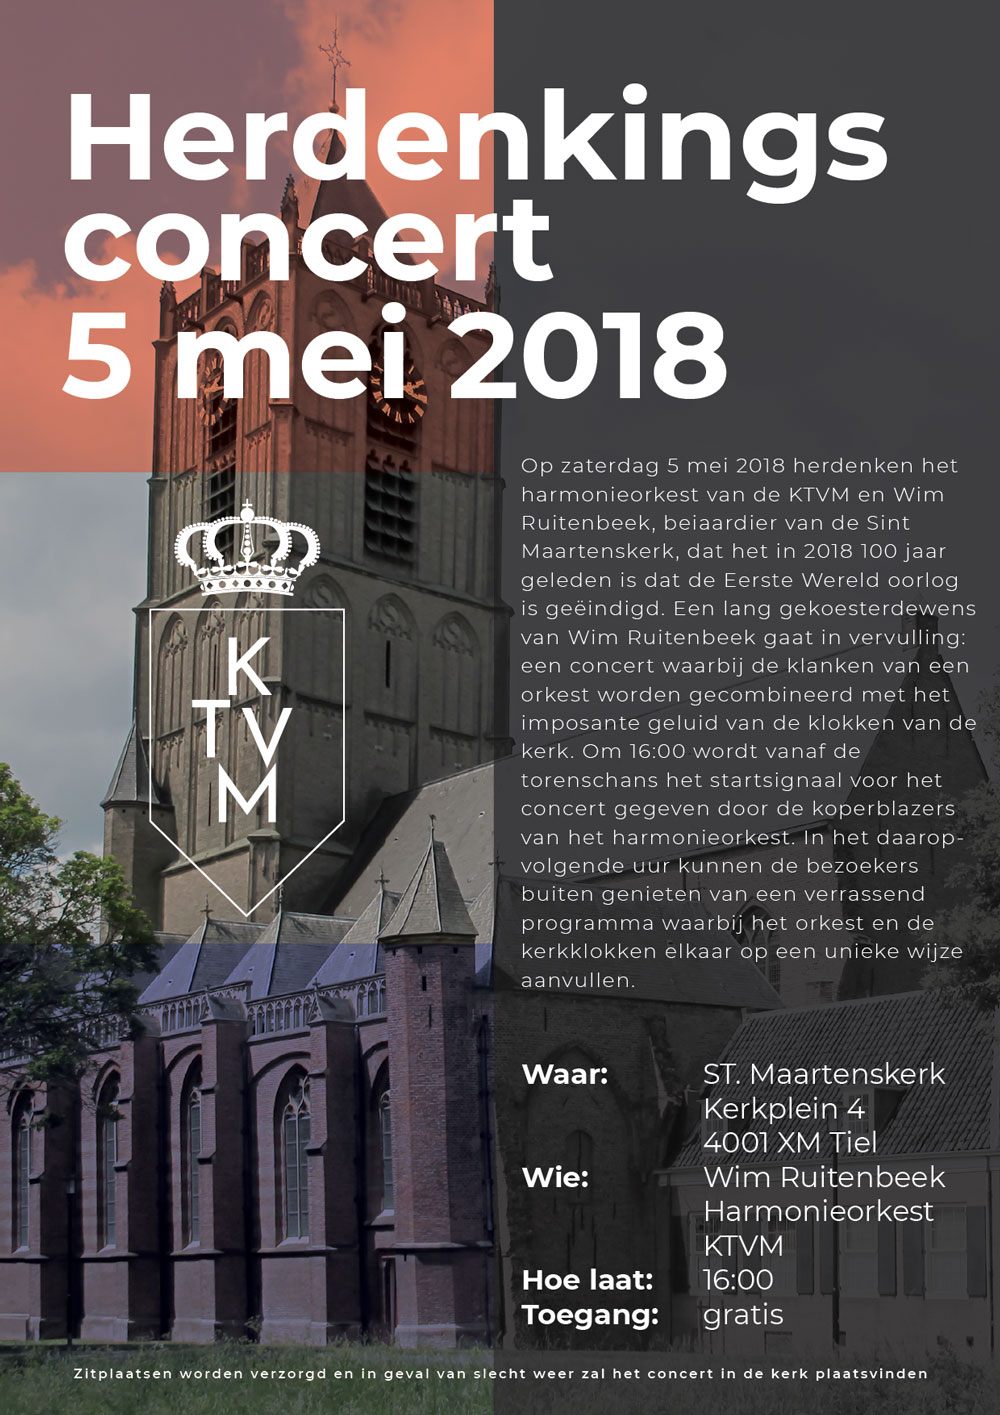 Herdenkingsconcert • KTVM.nl